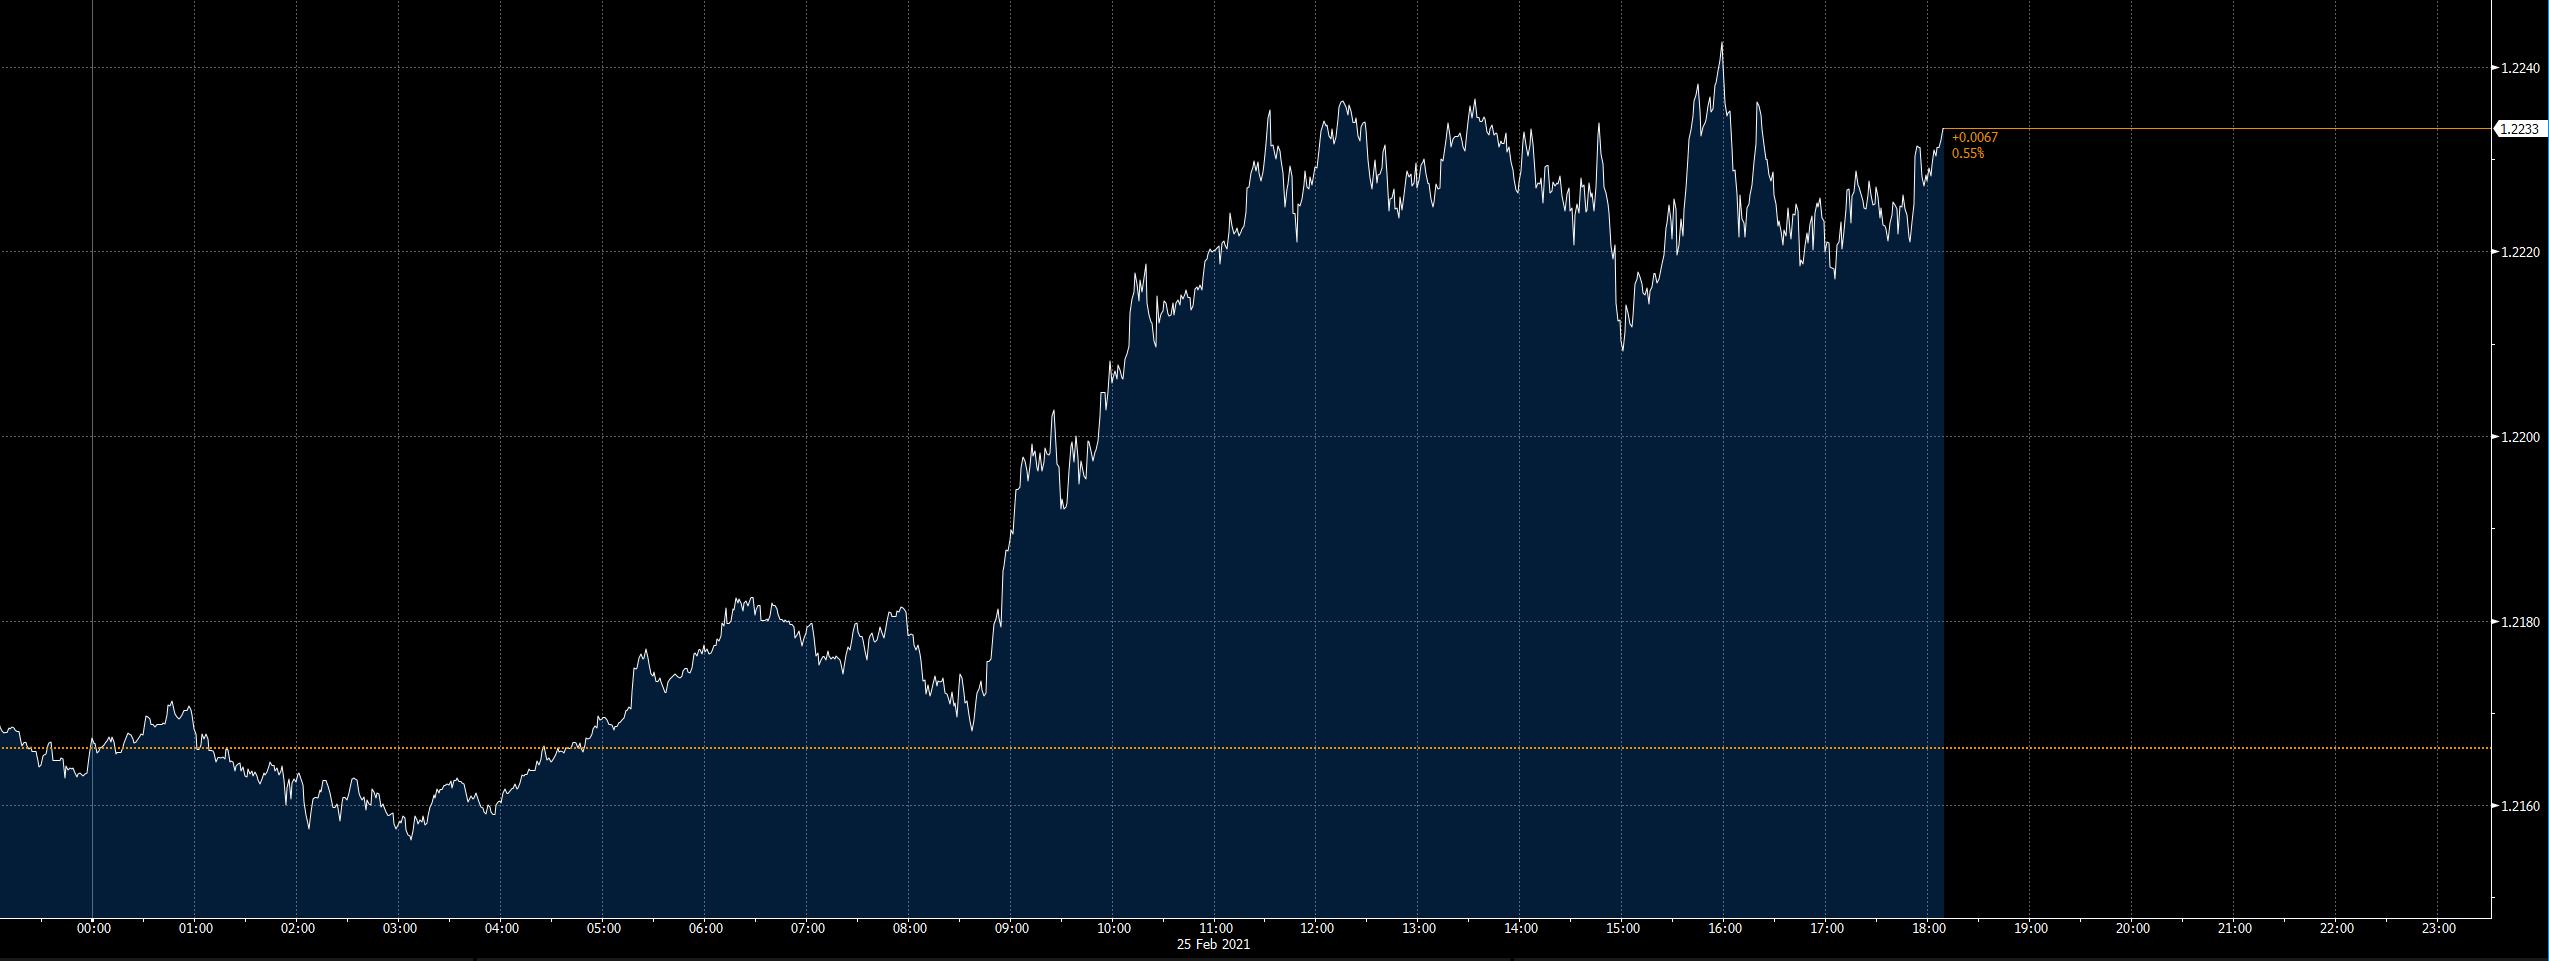 Denní vývoj měnového páru EURUSD (zdroj: Bloomberg)